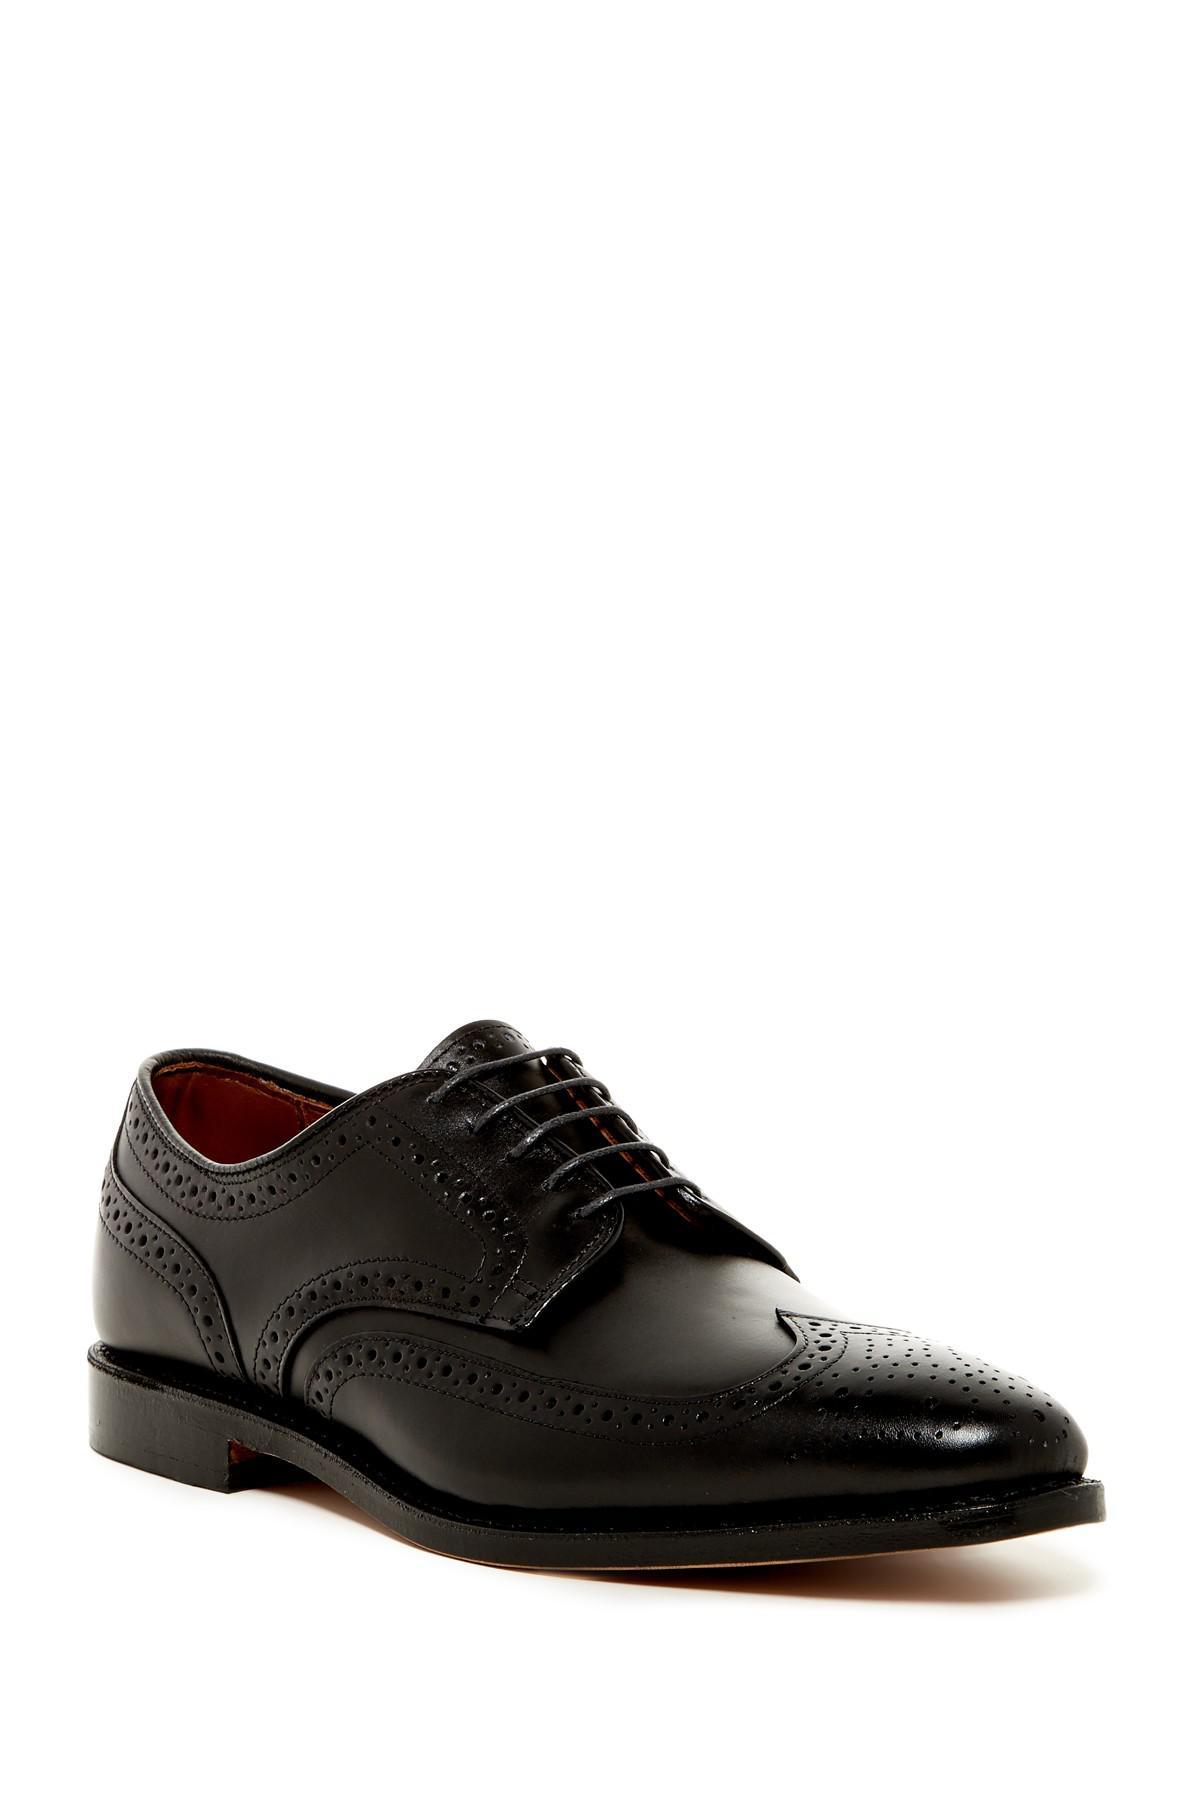 Buy Allen Edmond Shoes Sale